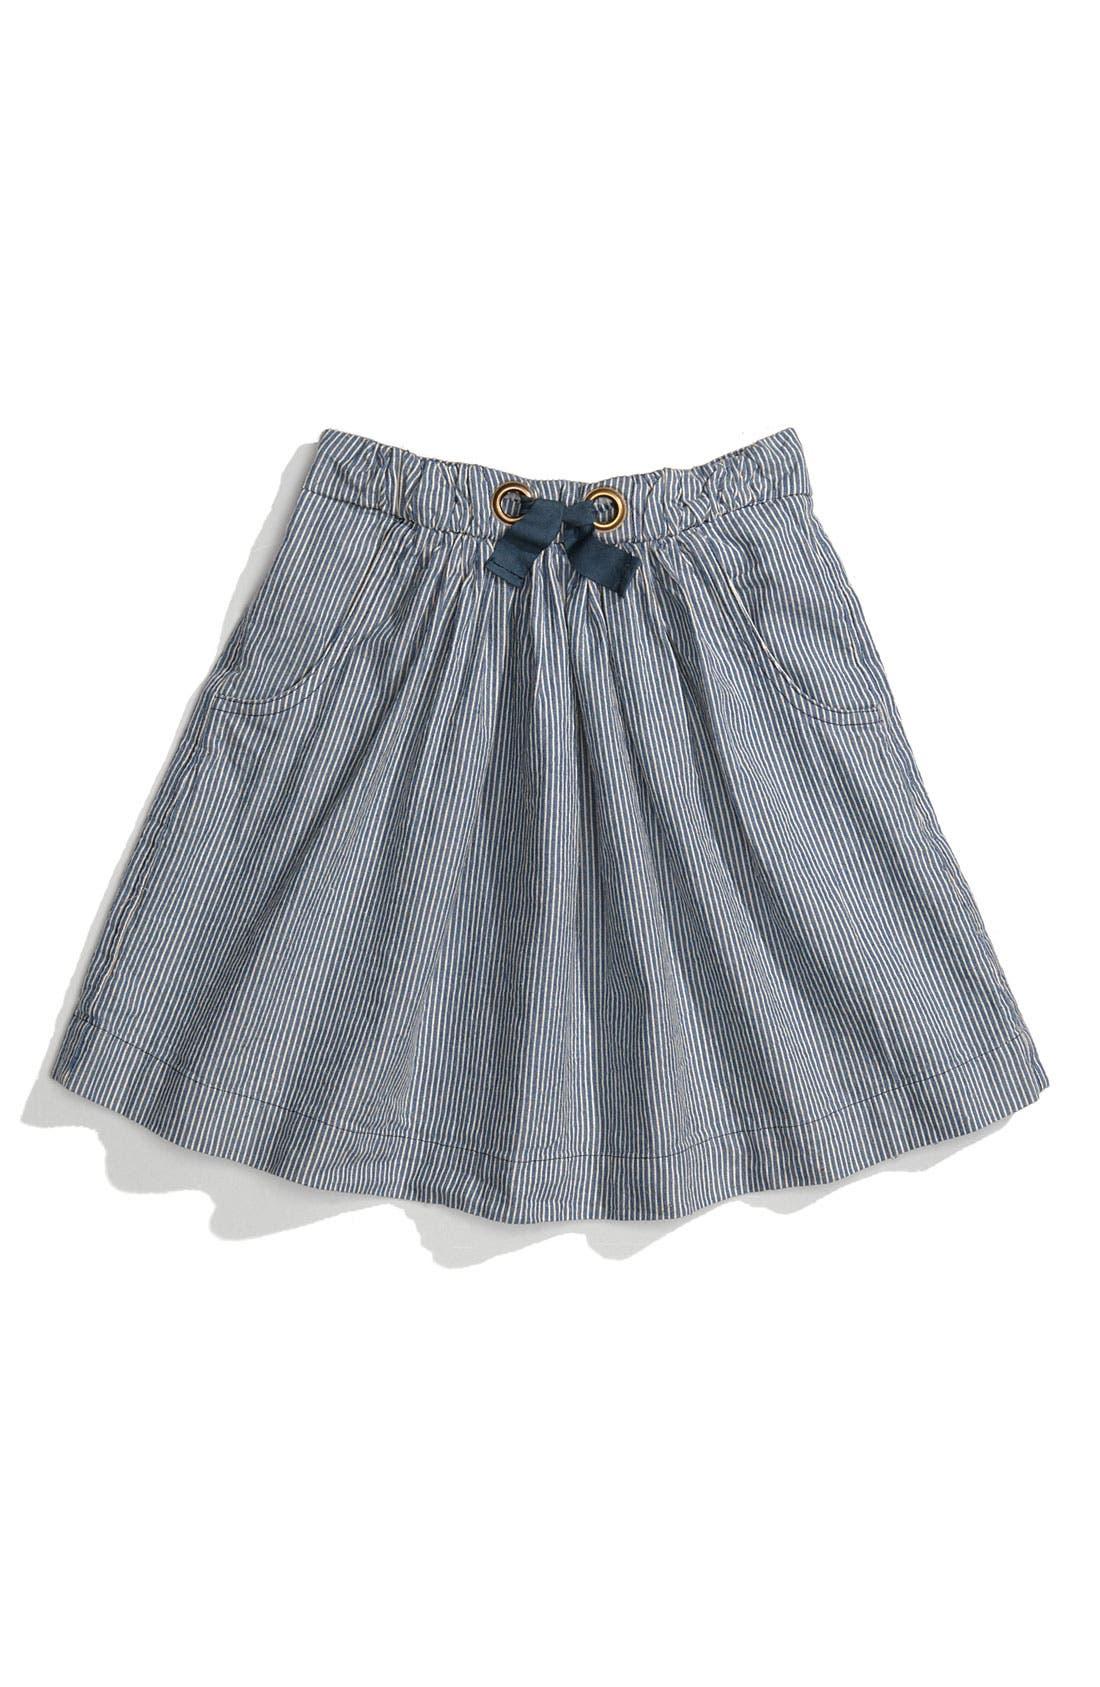 Main Image - Peek 'Brighton' Skirt (Toddler, Little Girls & Big Girls)